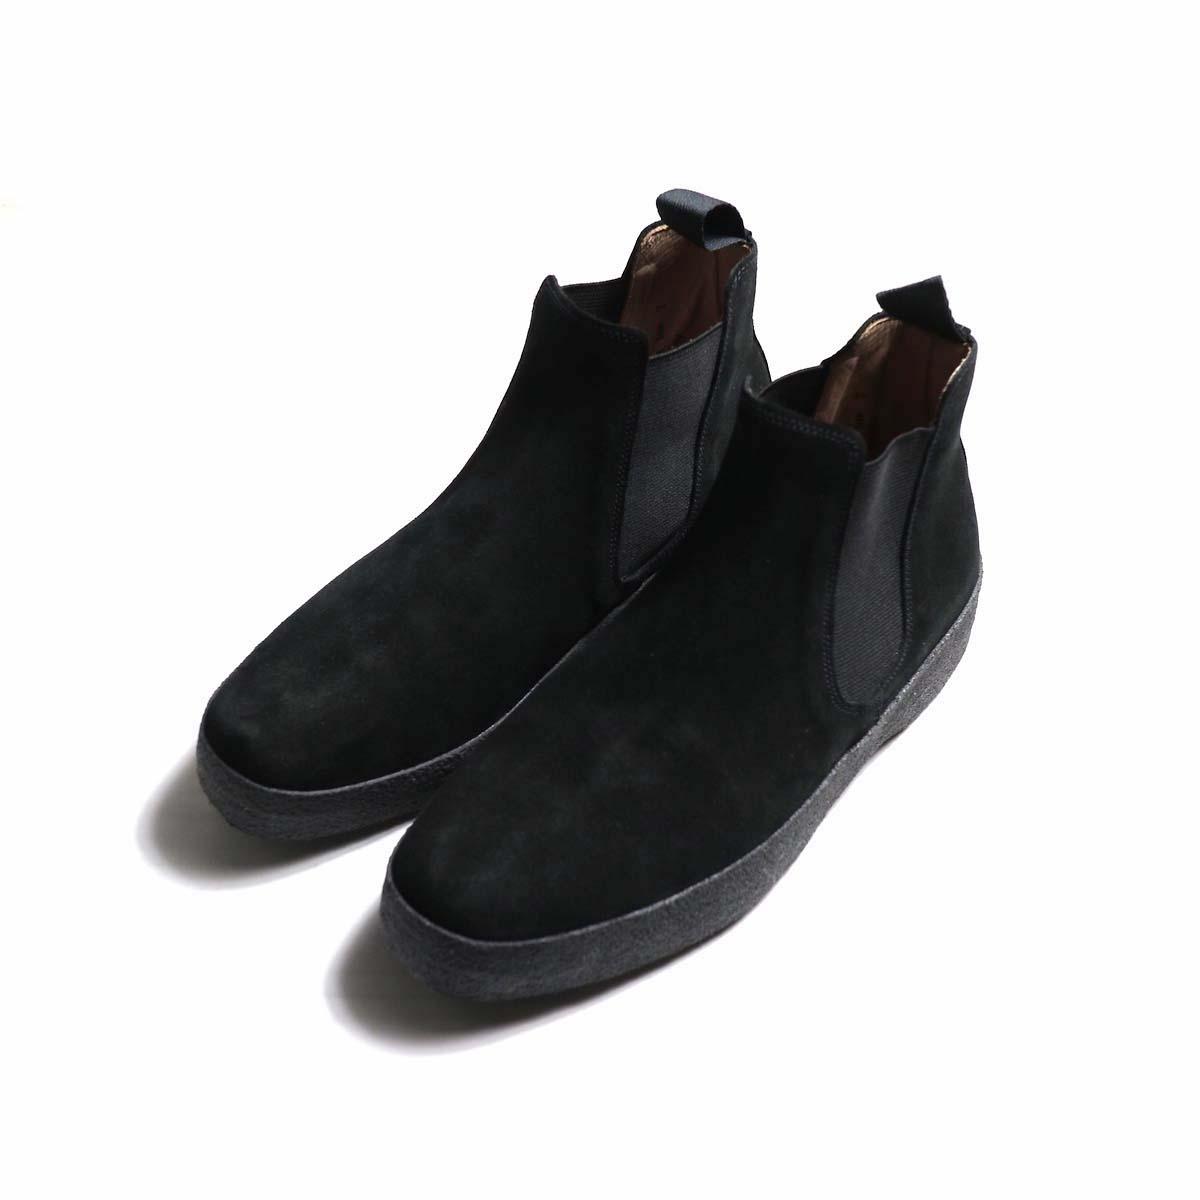 SANDERS / Chelsea Boot